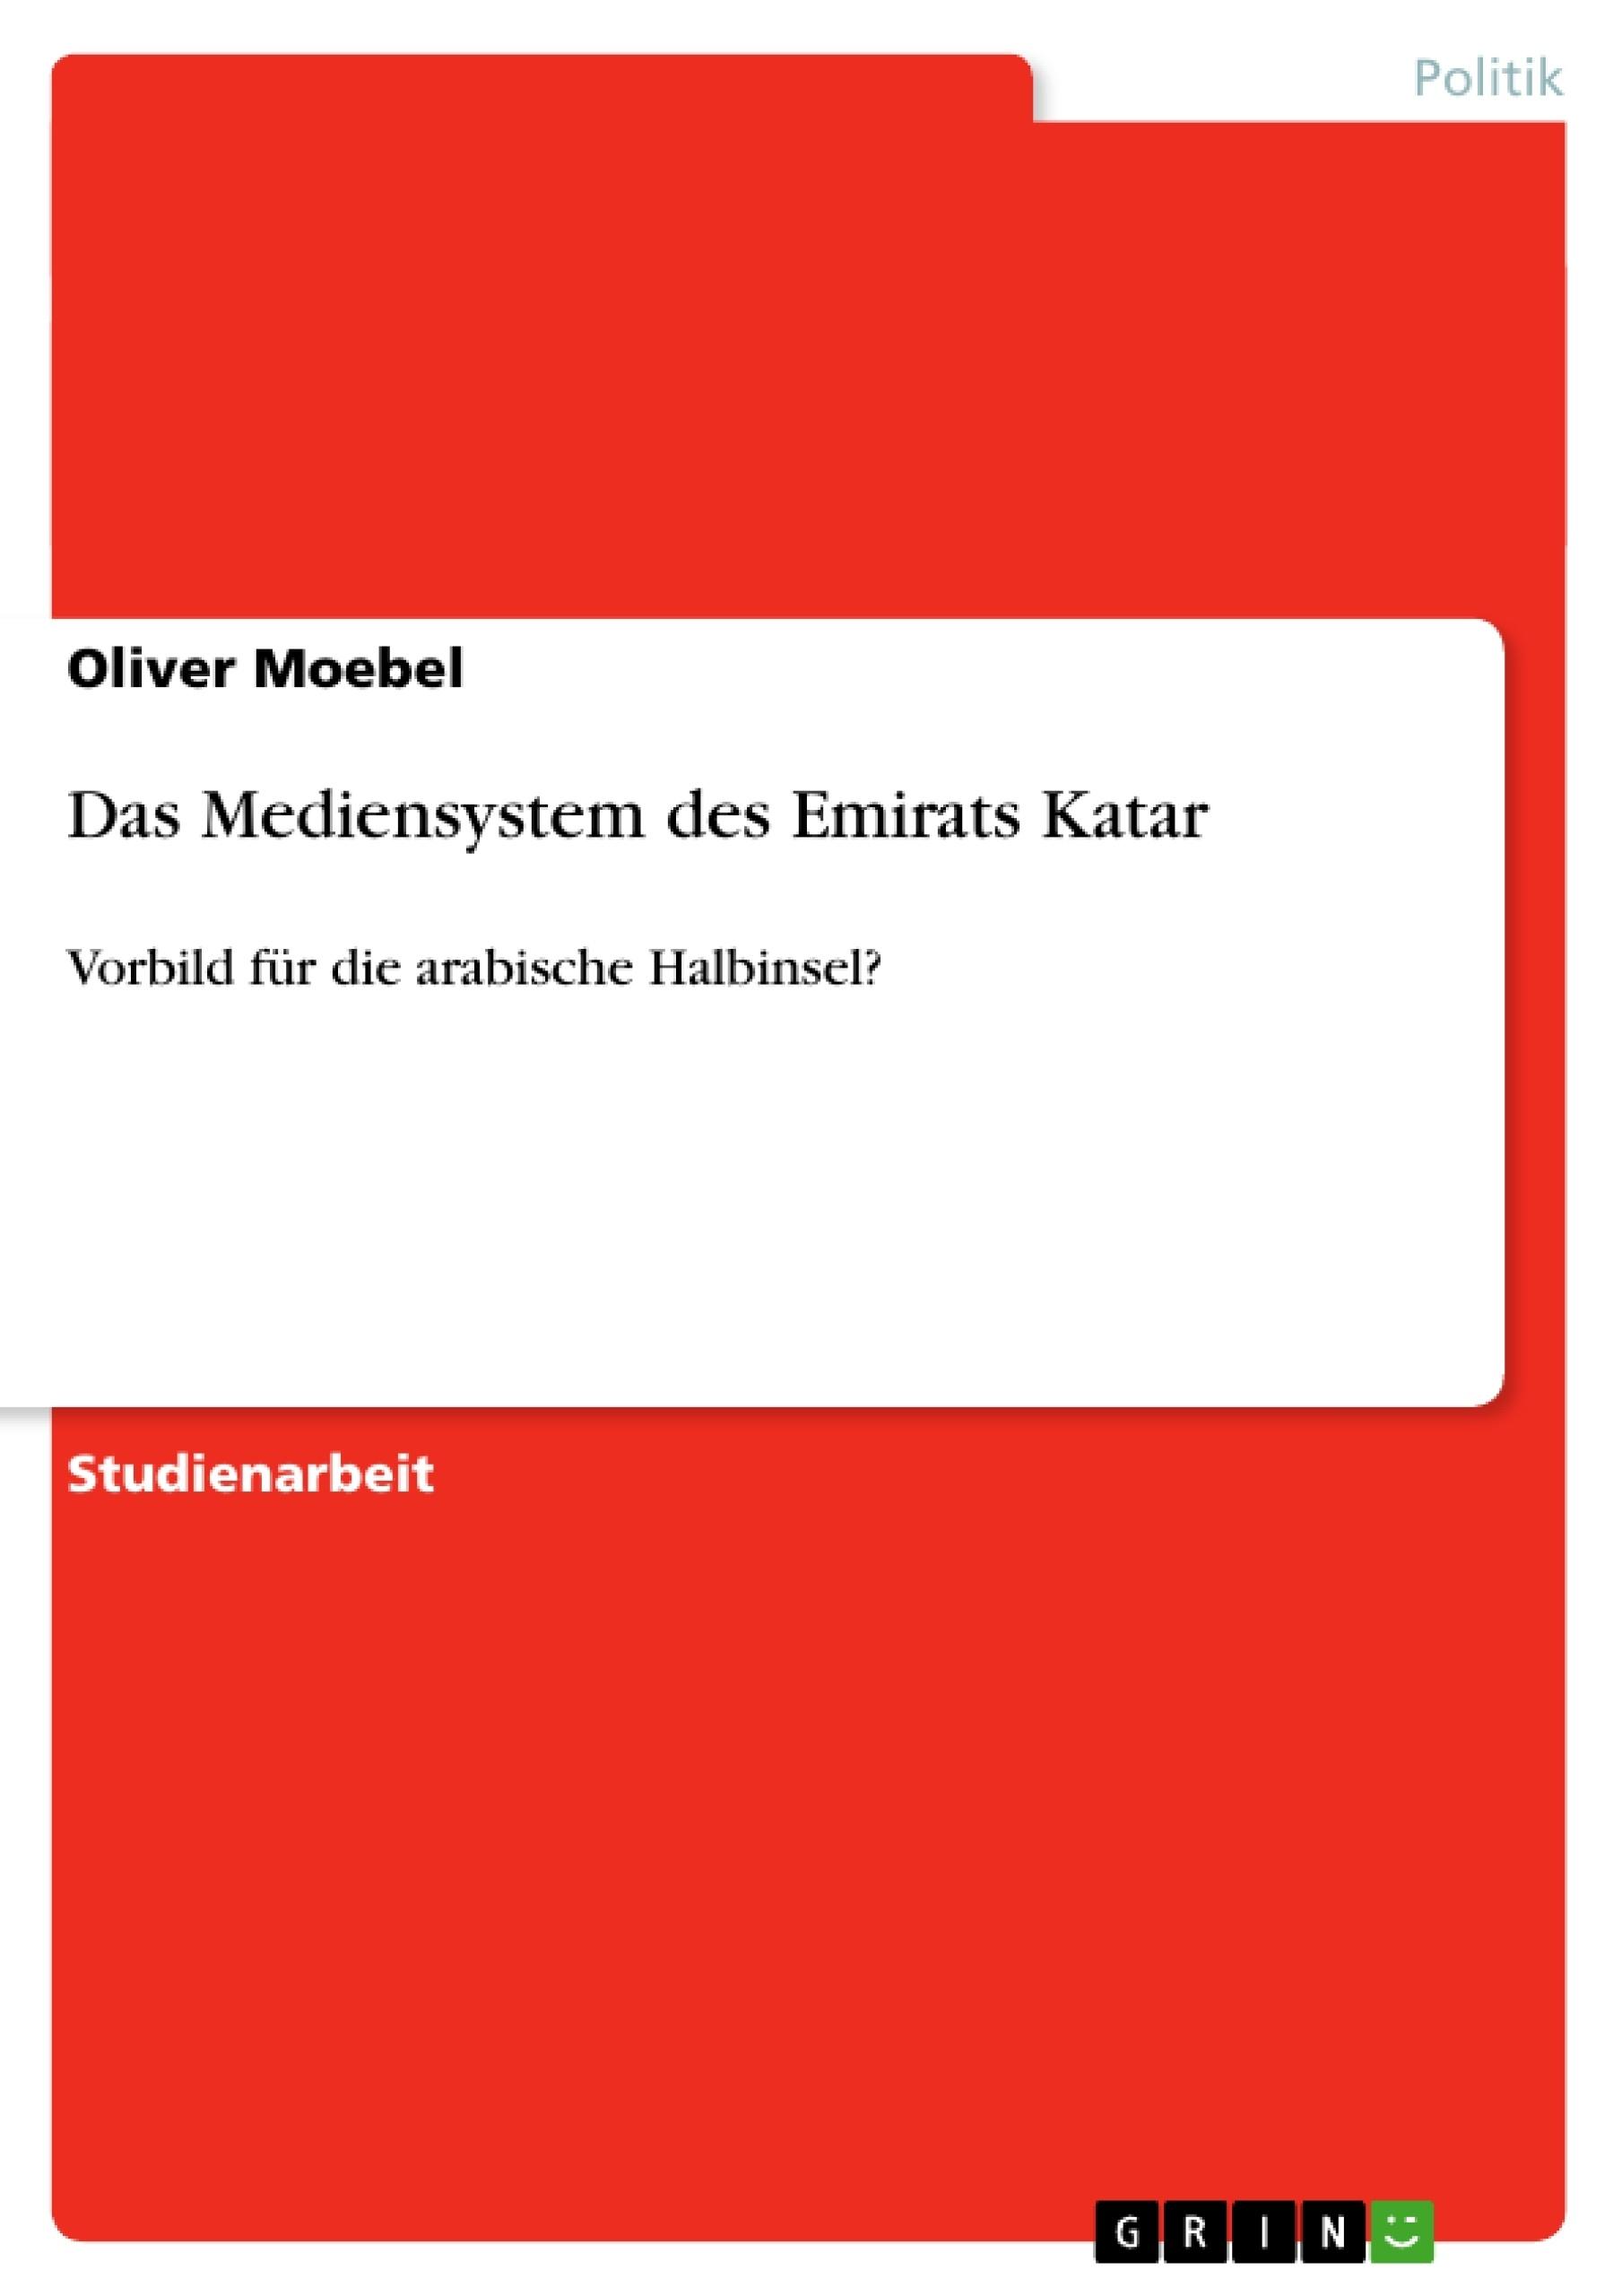 Titel: Das Mediensystem des Emirats Katar